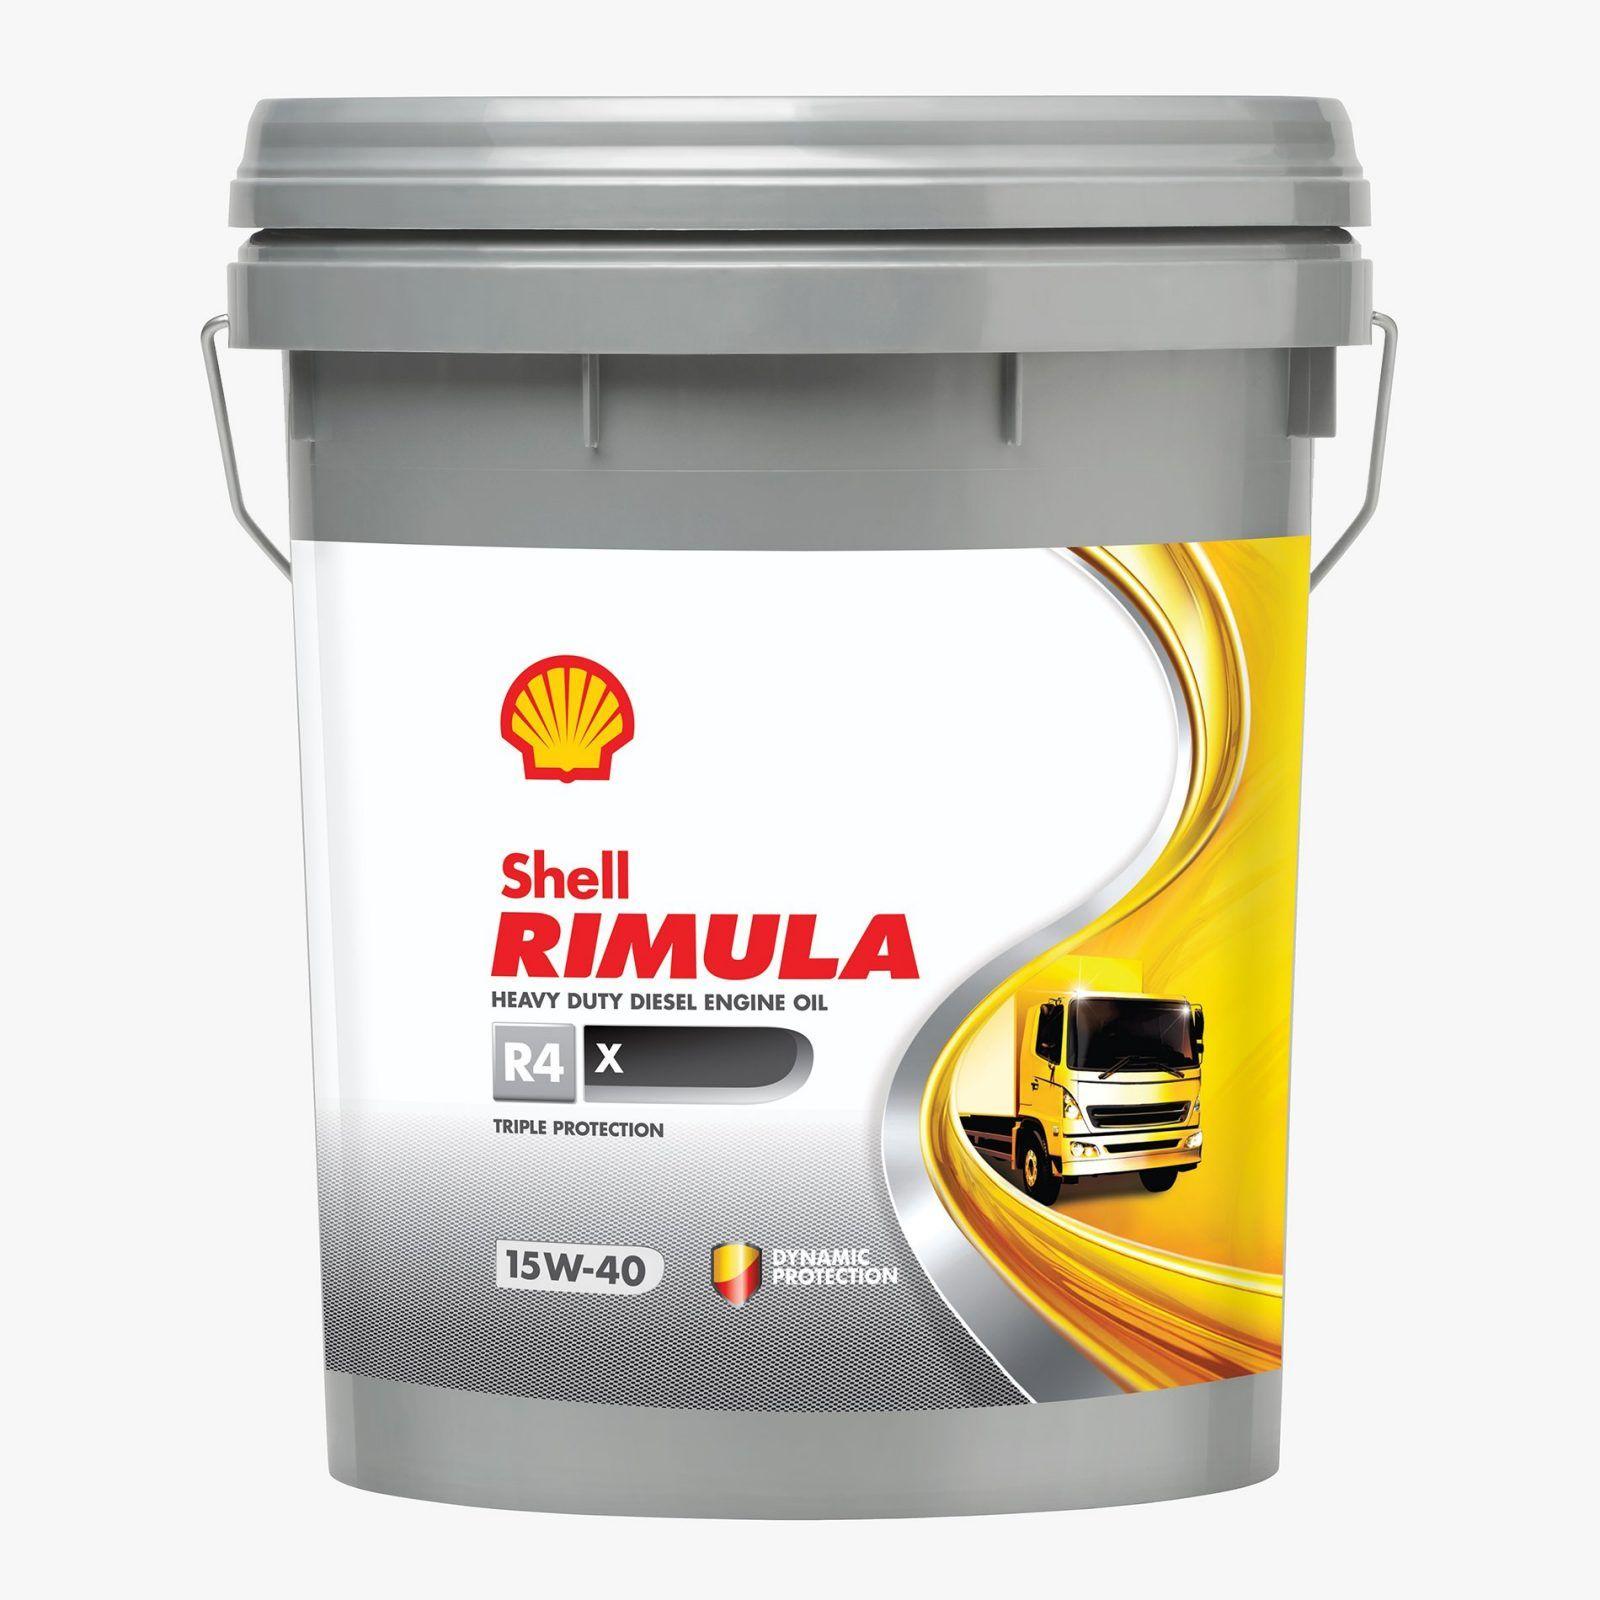 Shell Rimula R4 X 15W40 – 20L